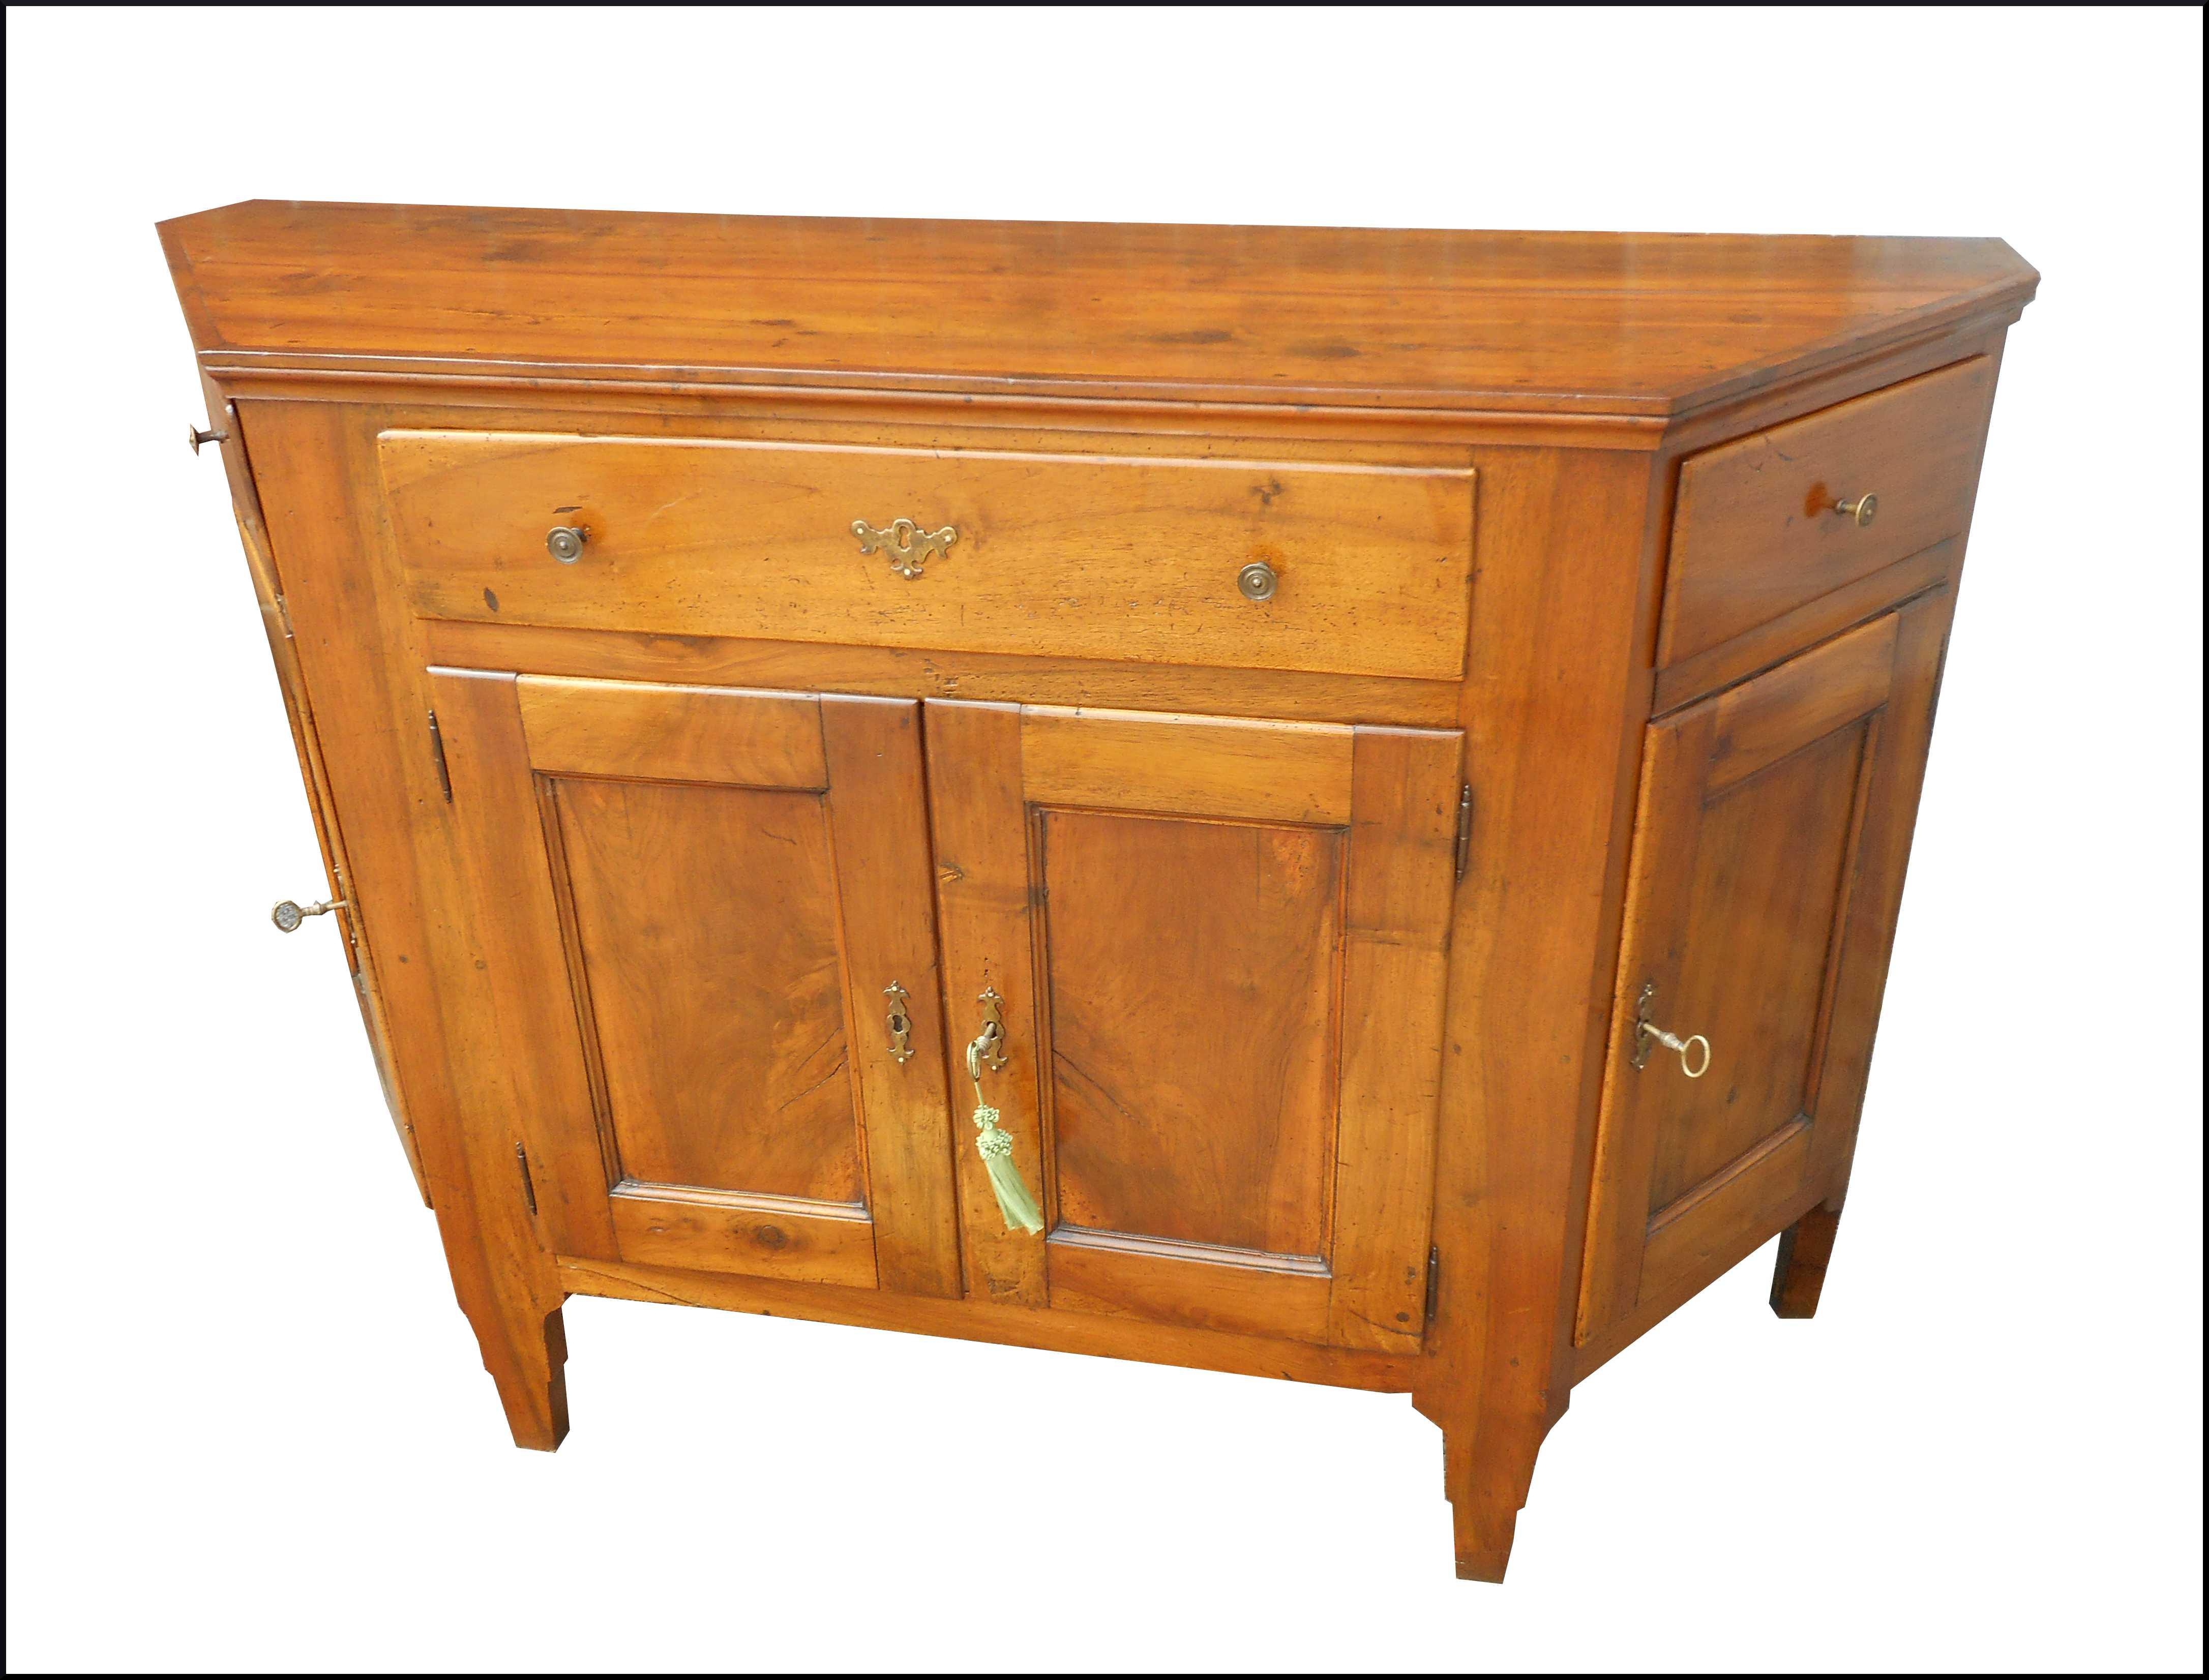 La commode di davide corno mobili antichi restaurati e riprodotti - Mobili restaurati ...